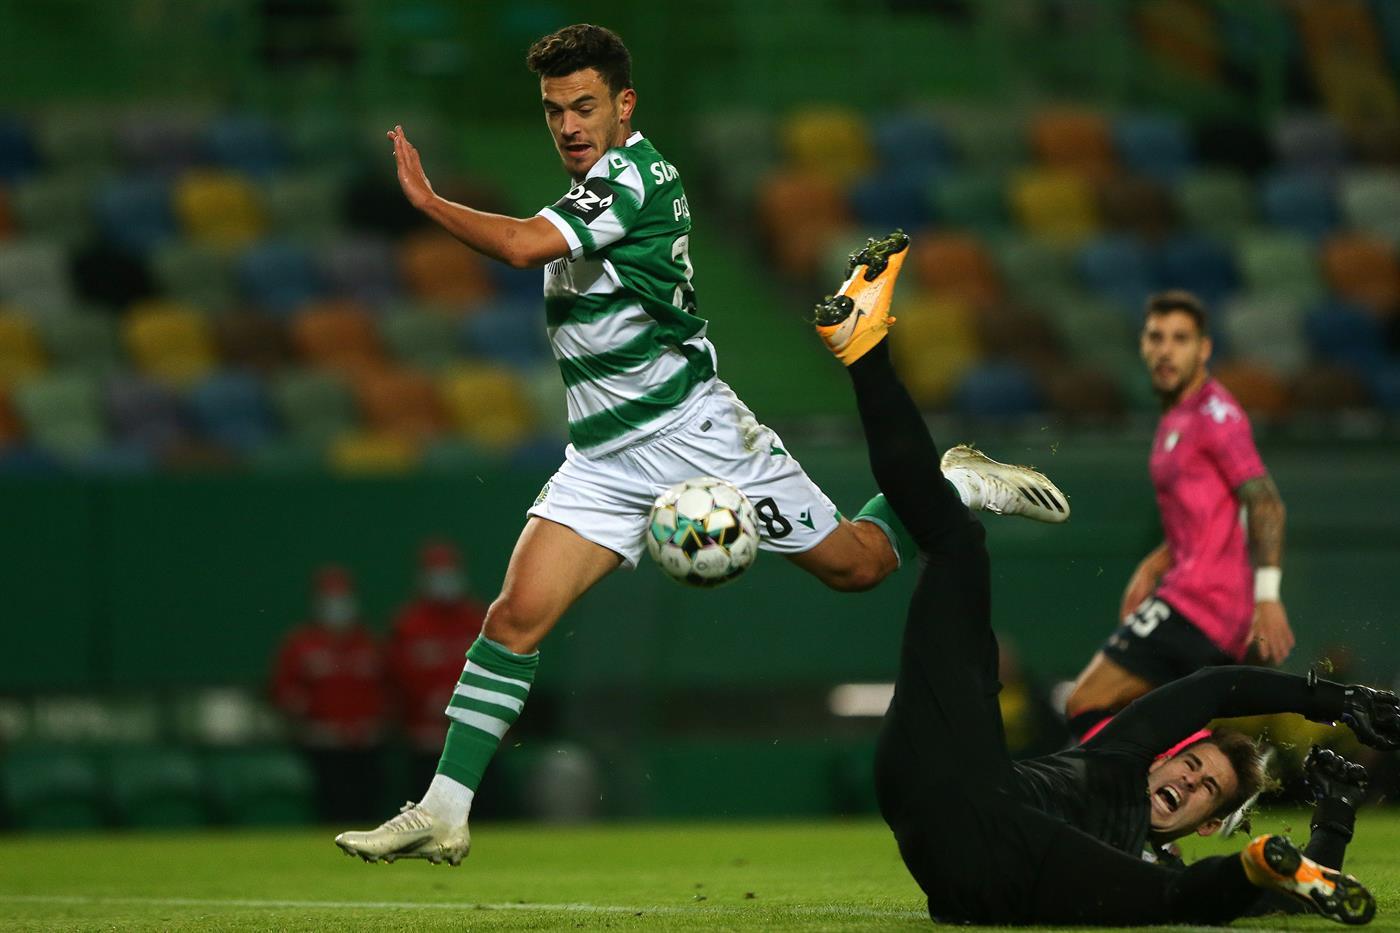 LigaJ Betway: Varela manda na baliza, Sporting e FC Porto dominam restantes setores